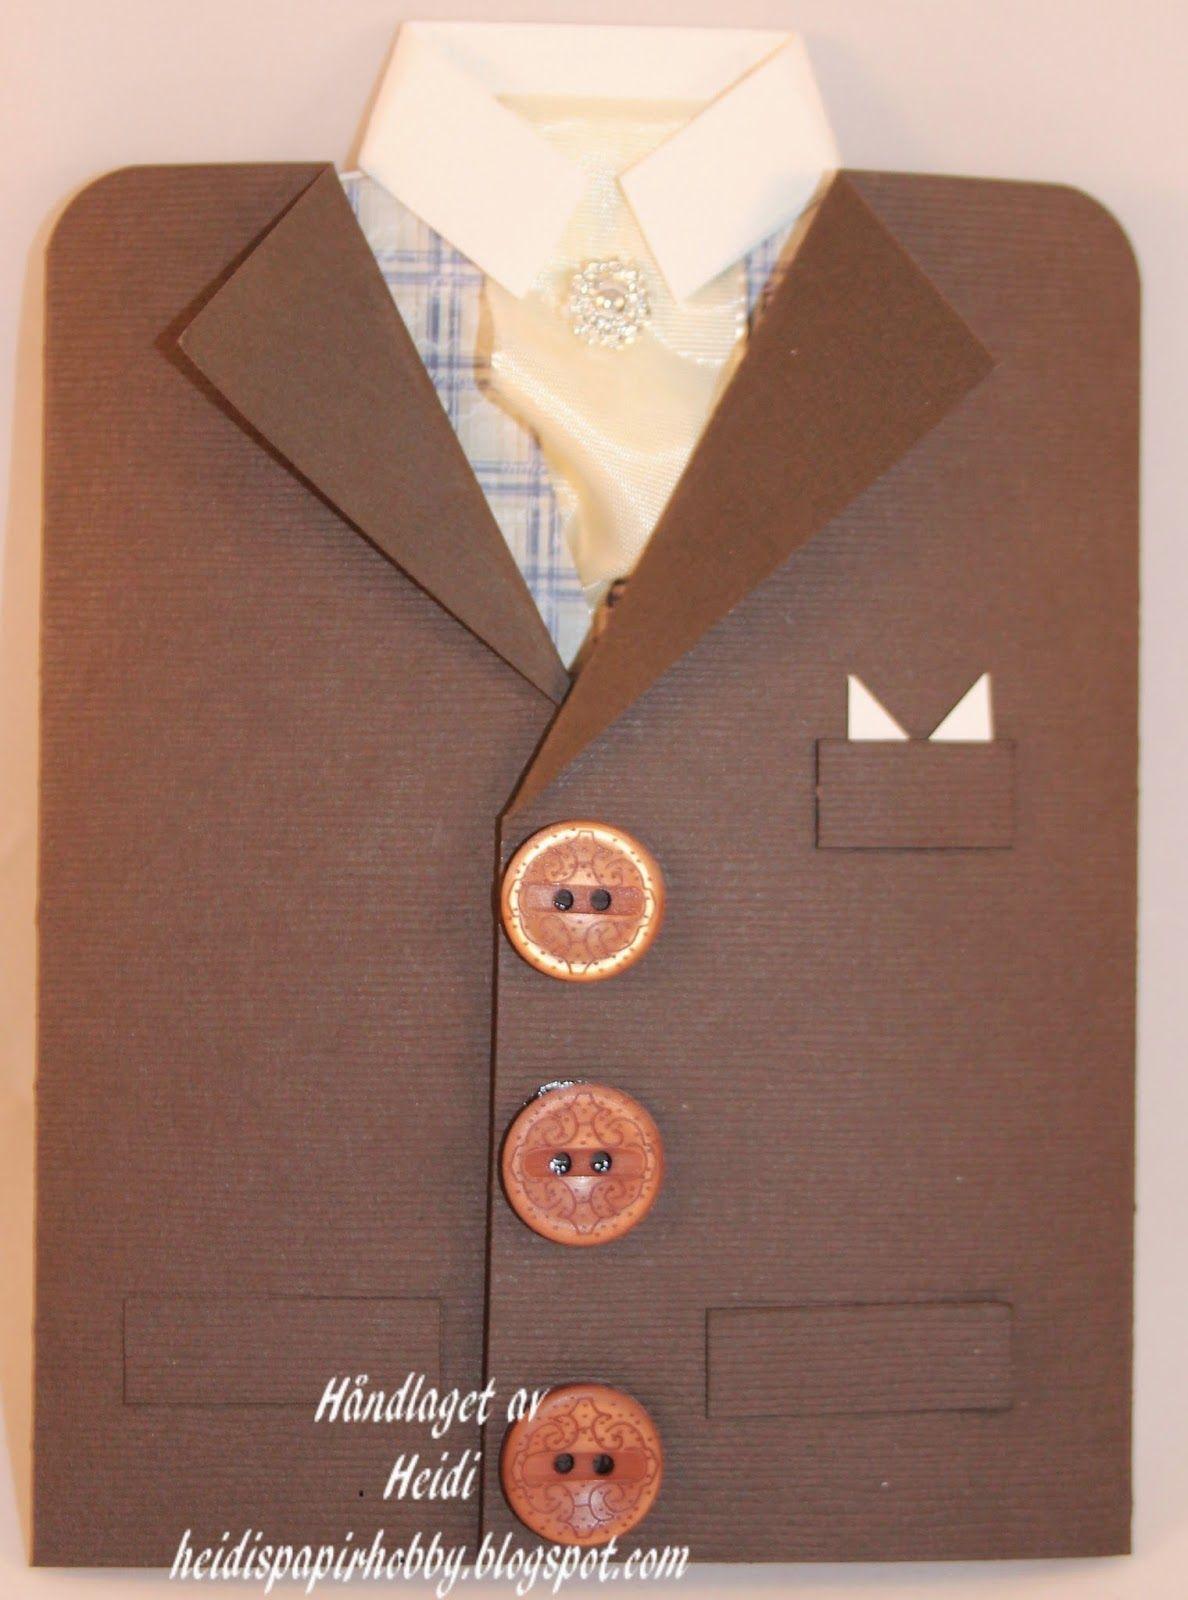 Design Team for North Star Design og Engros: Skjortekort